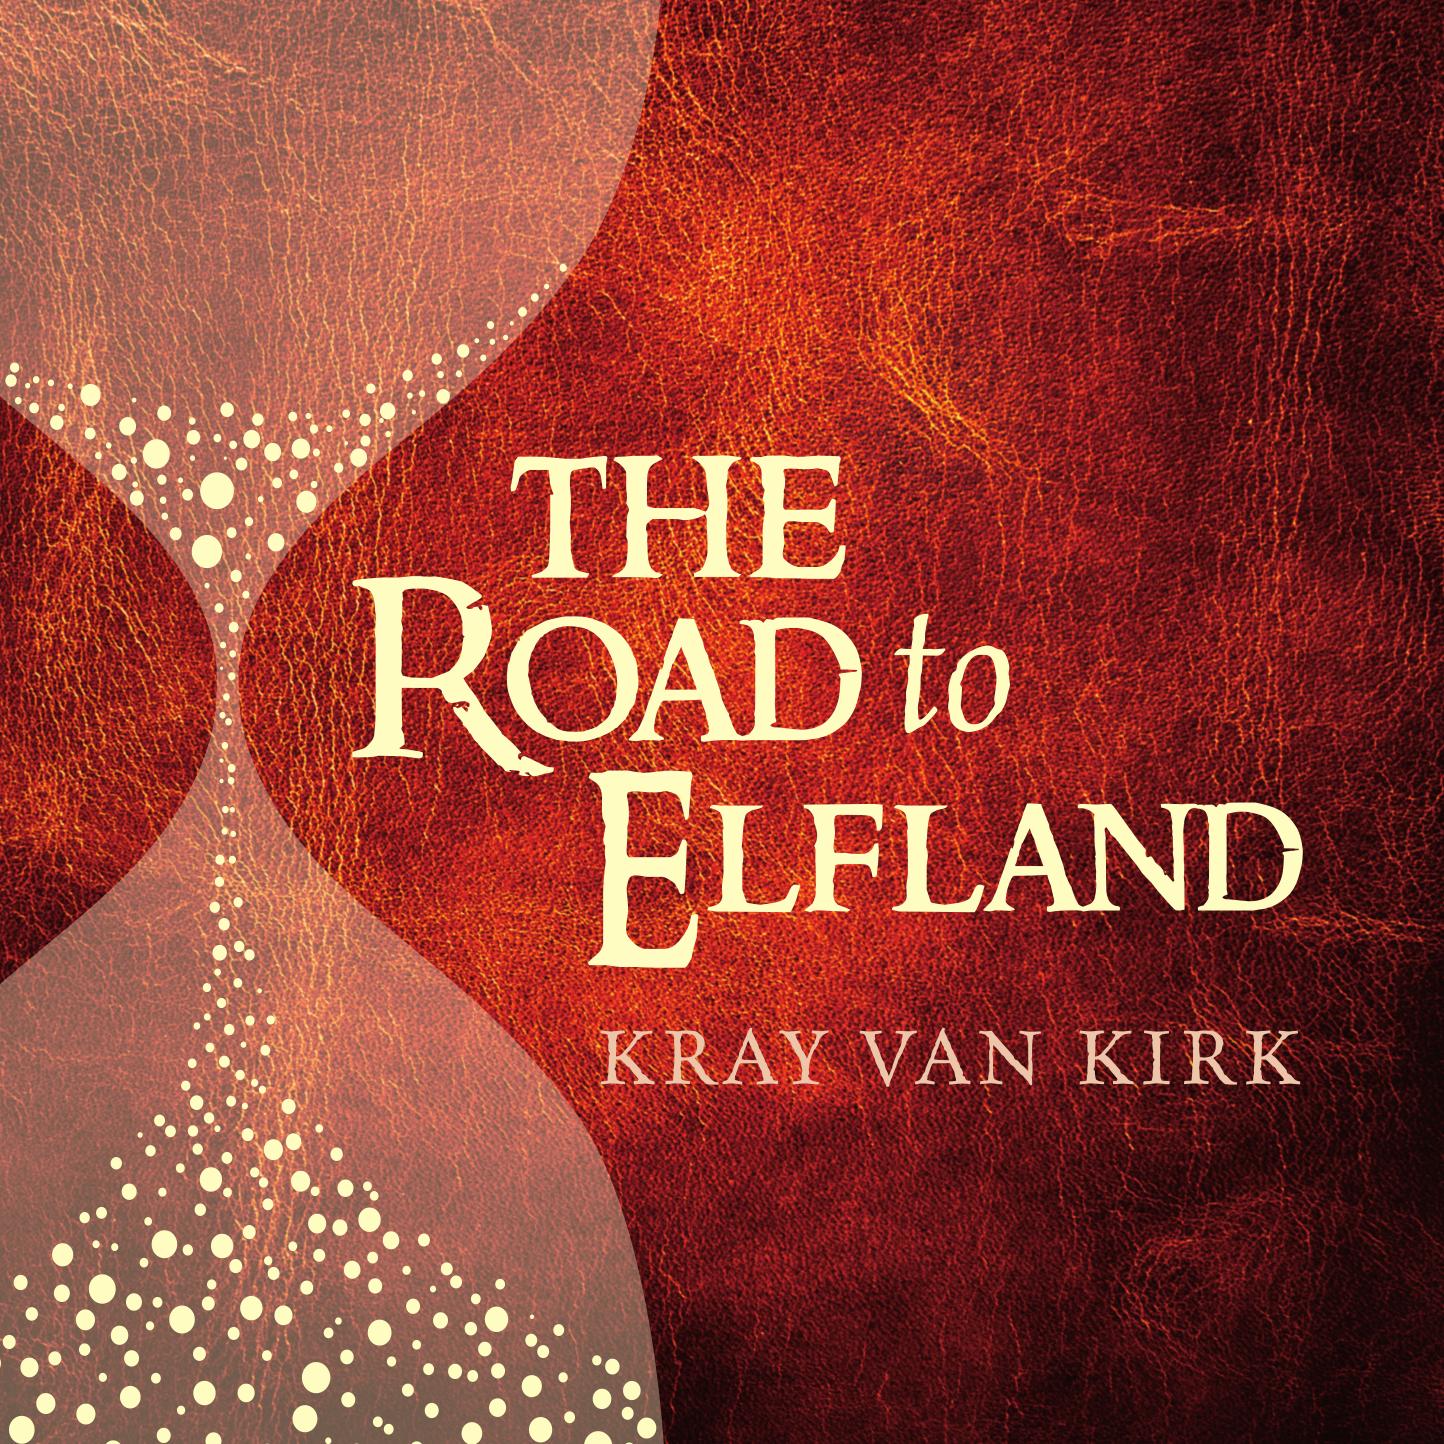 Kray Van Kirk - The Road to Elfland